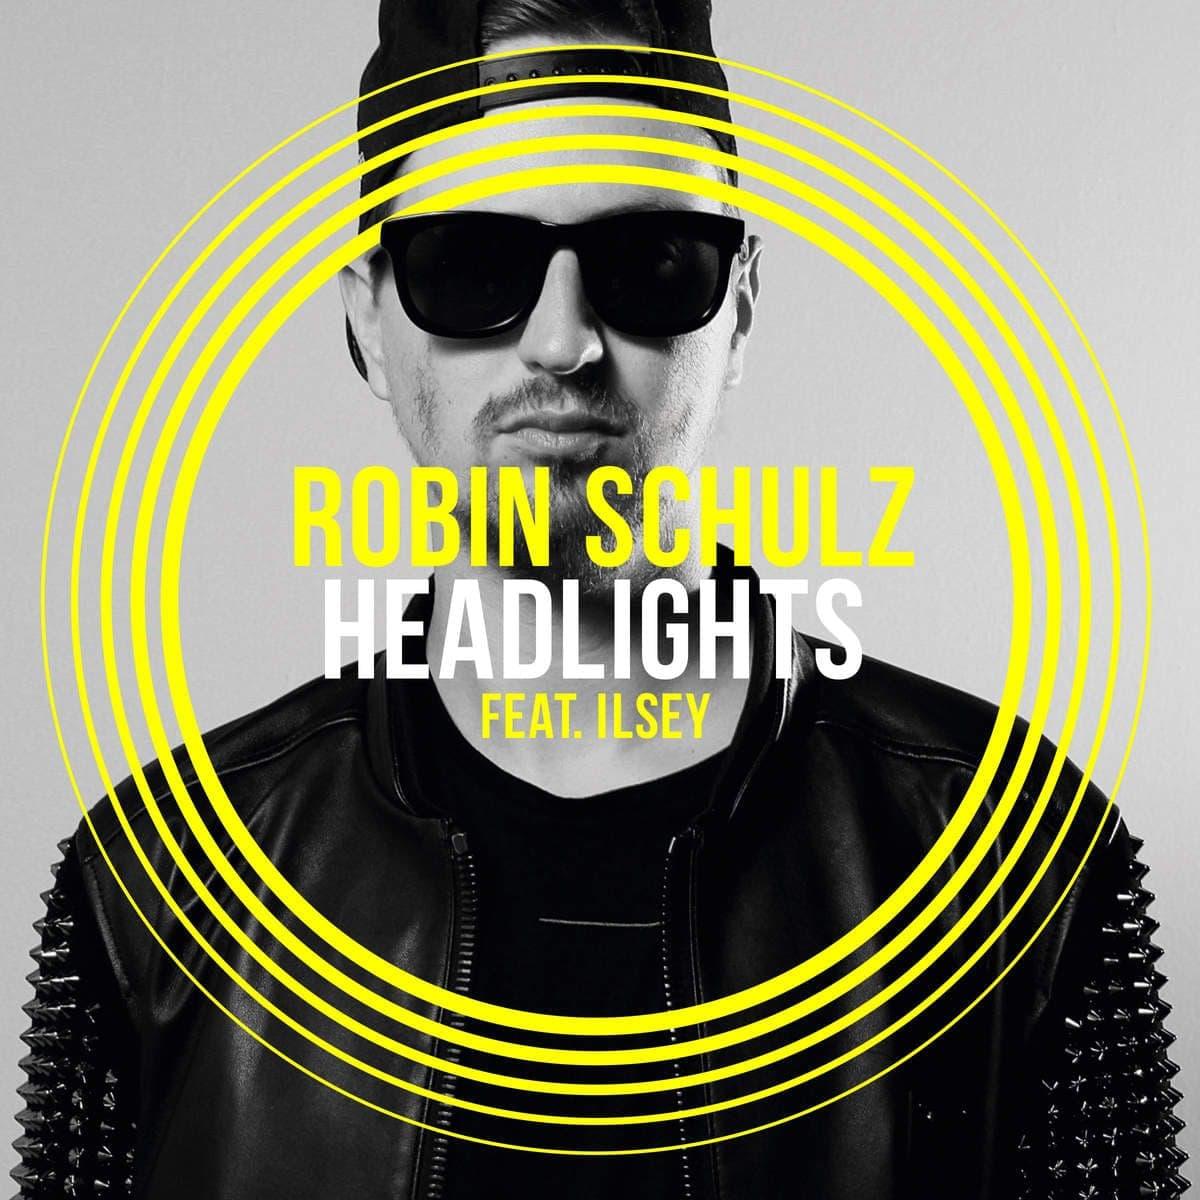 Headlights (feat. Isley) - Robin Schulz